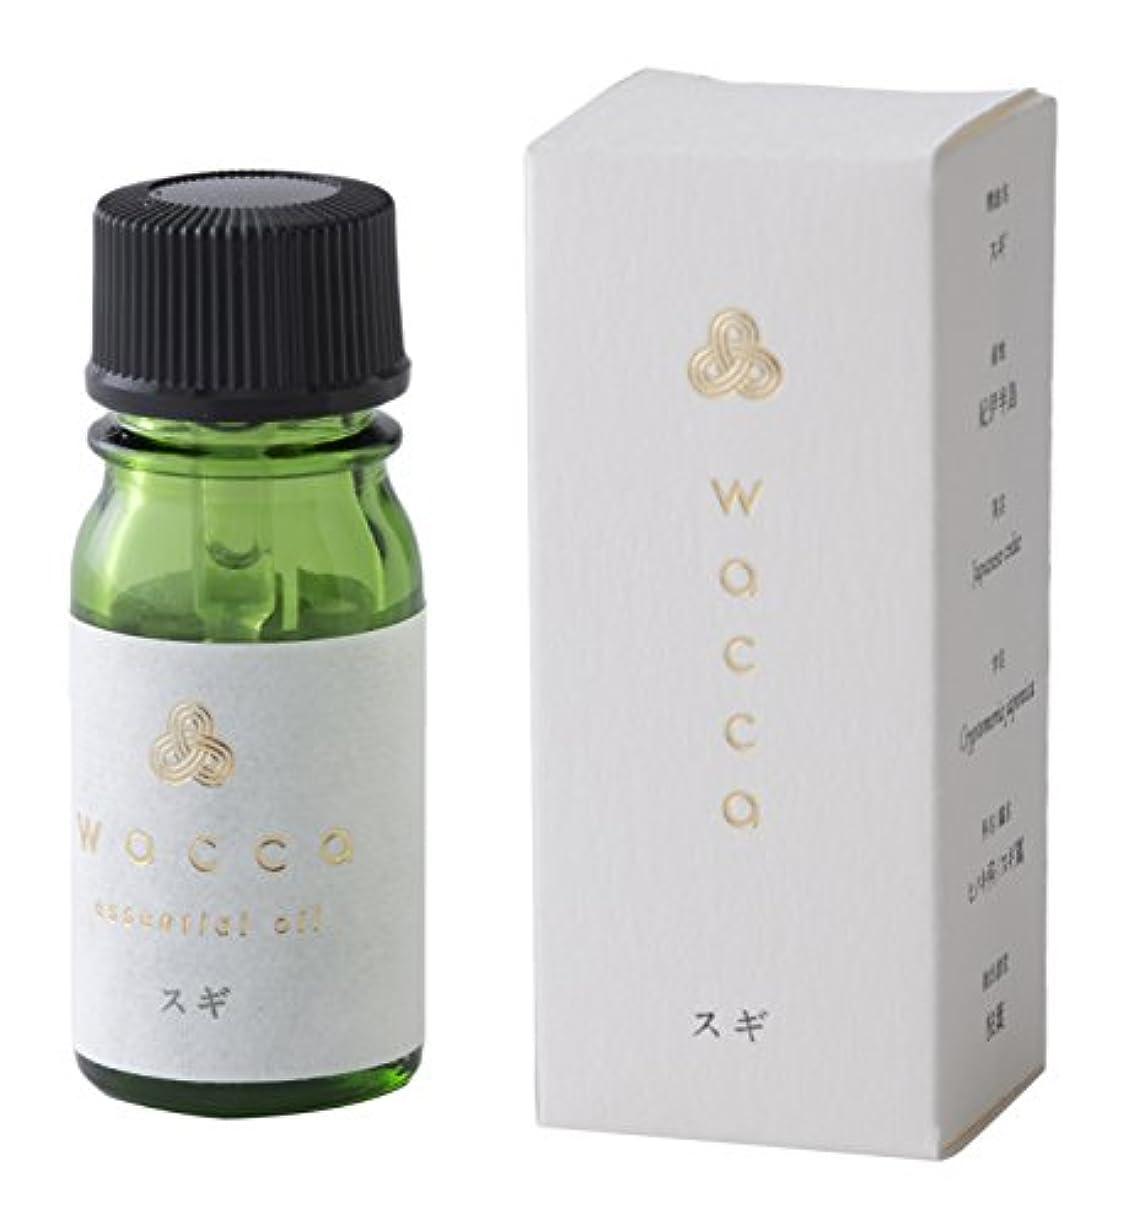 スキーハシー実験室wacca ワッカ エッセンシャルオイル 5ml 杉 スギ Japanese cedar essential oil 和精油 KUSU HANDMADE